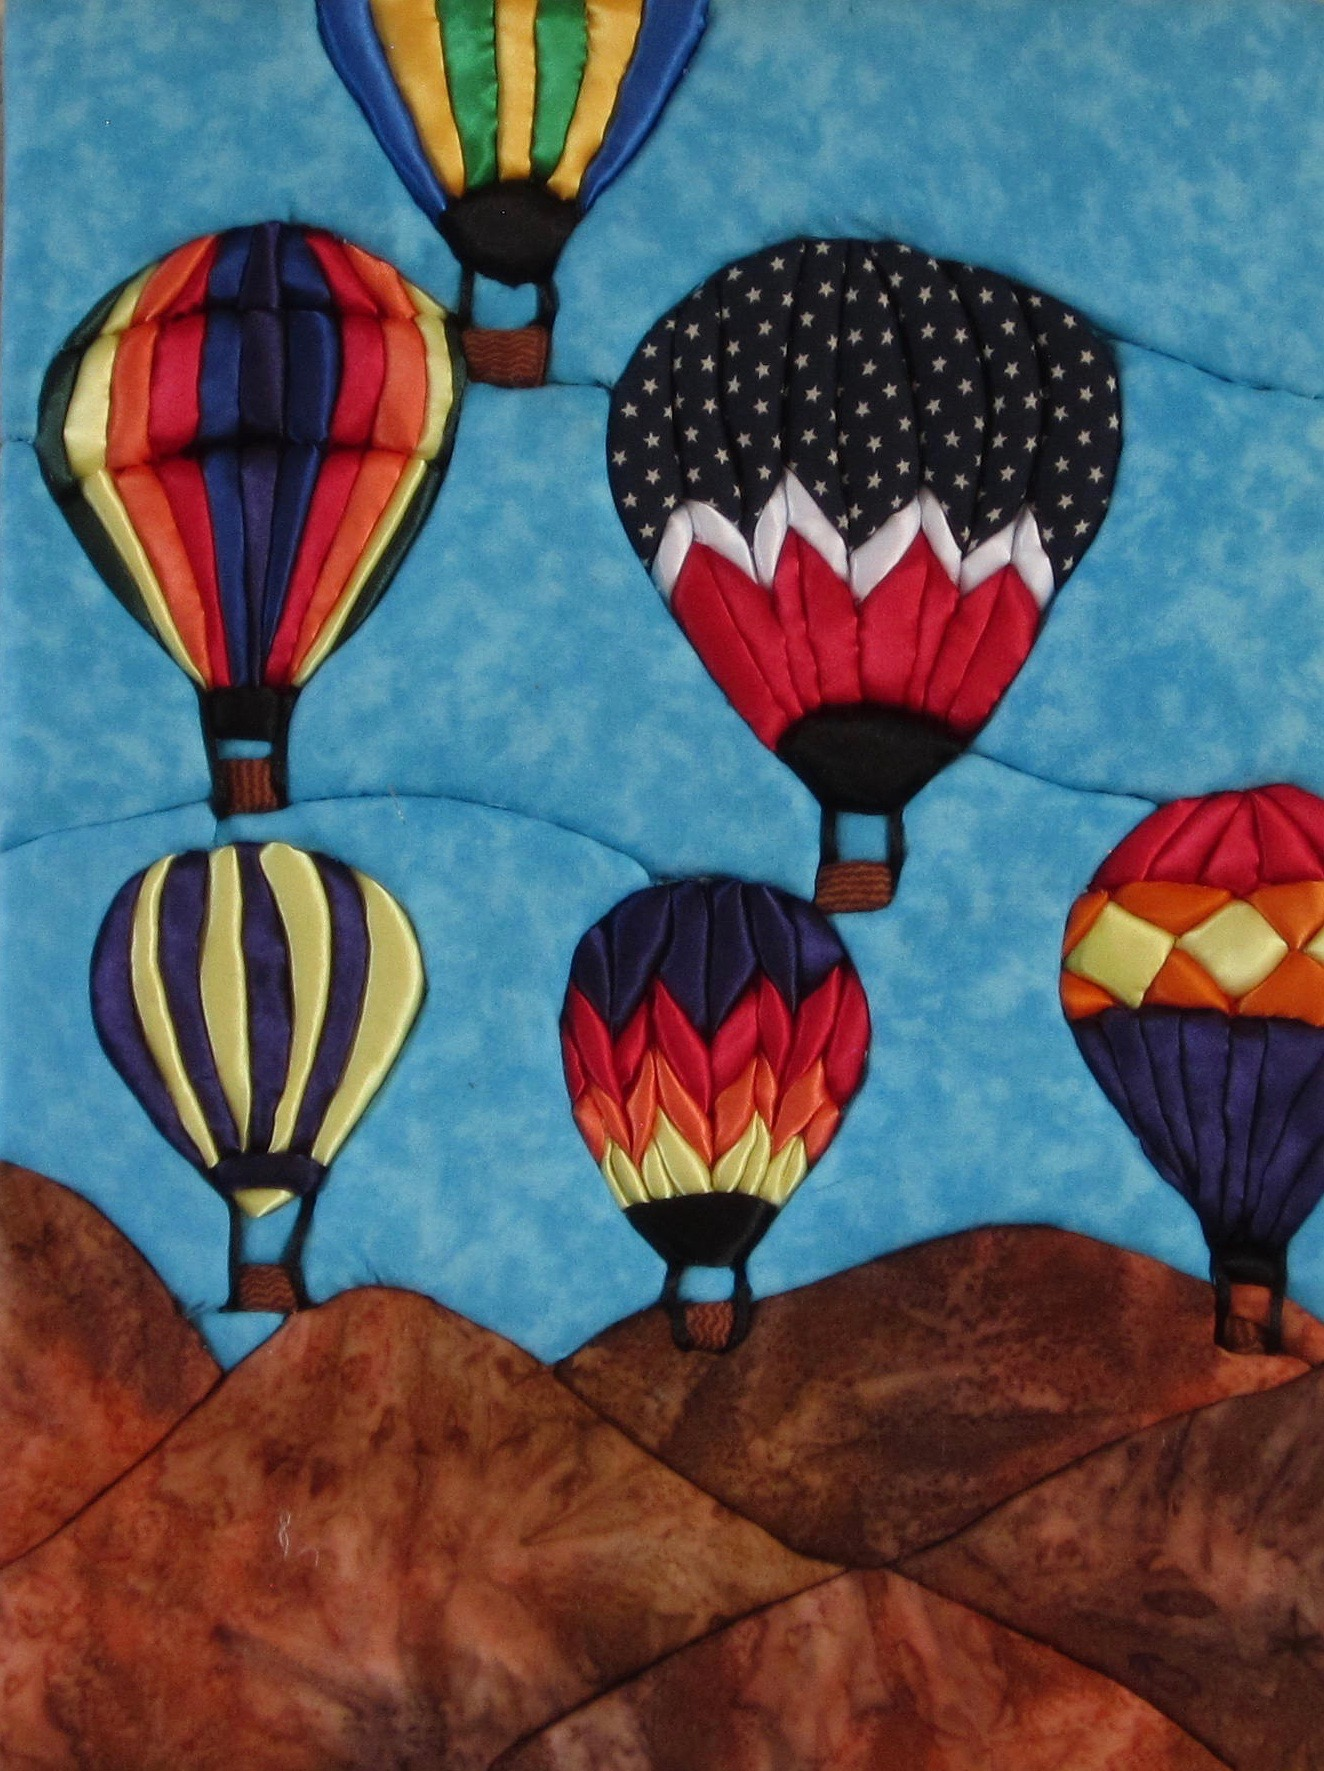 E. Cristina Diaz-Arntzen: Albuquerque Balloon Festival triptych